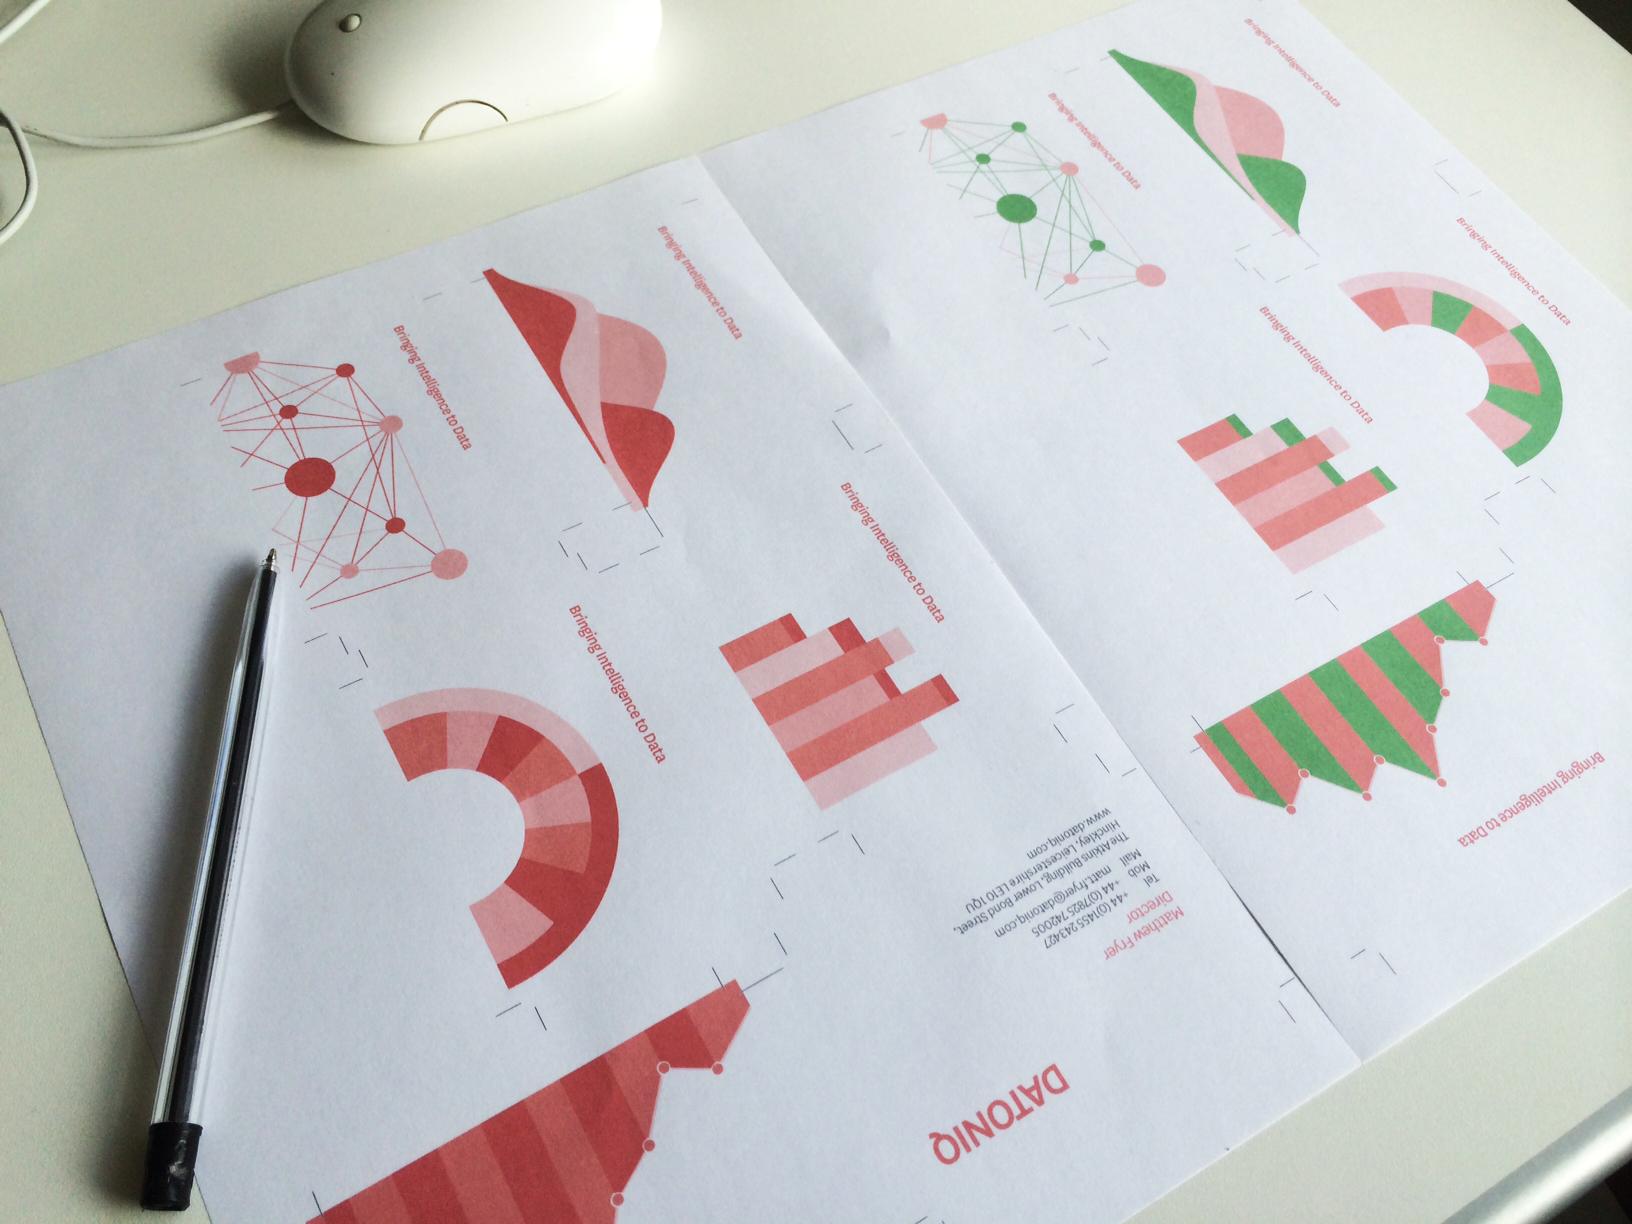 Datoniq Business Card designs